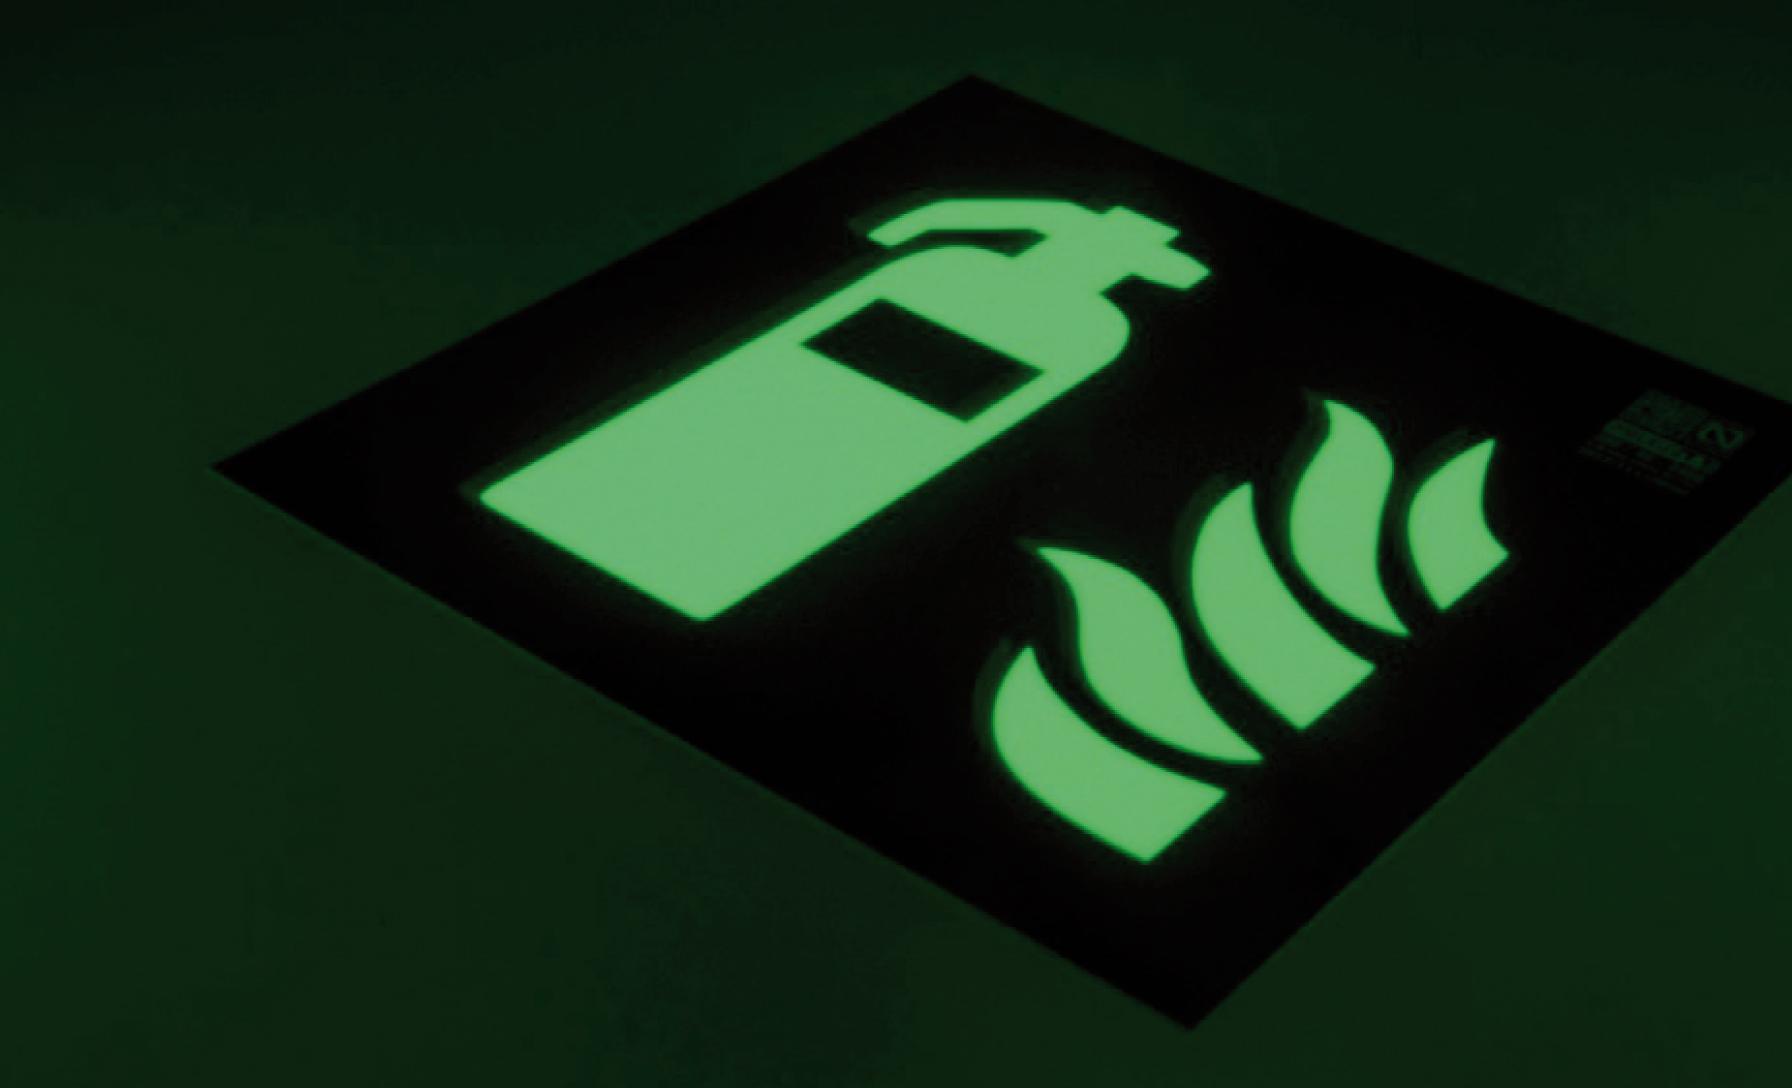 Pigmento en polvo fotoluminiscente en verde en Canarias